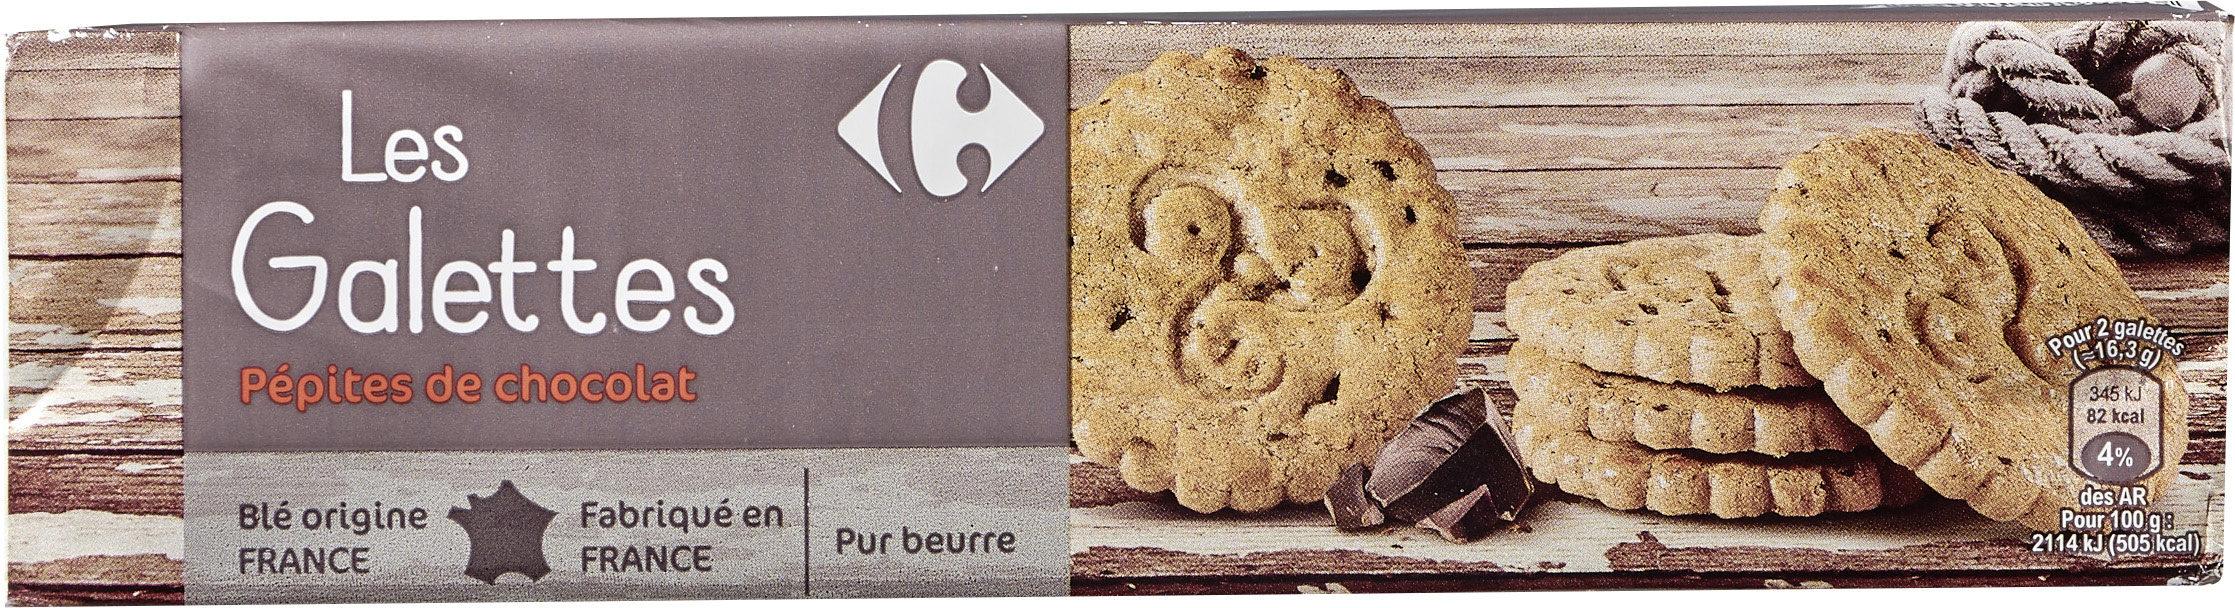 Les Galettes Pépites de chocolat - Produit - fr